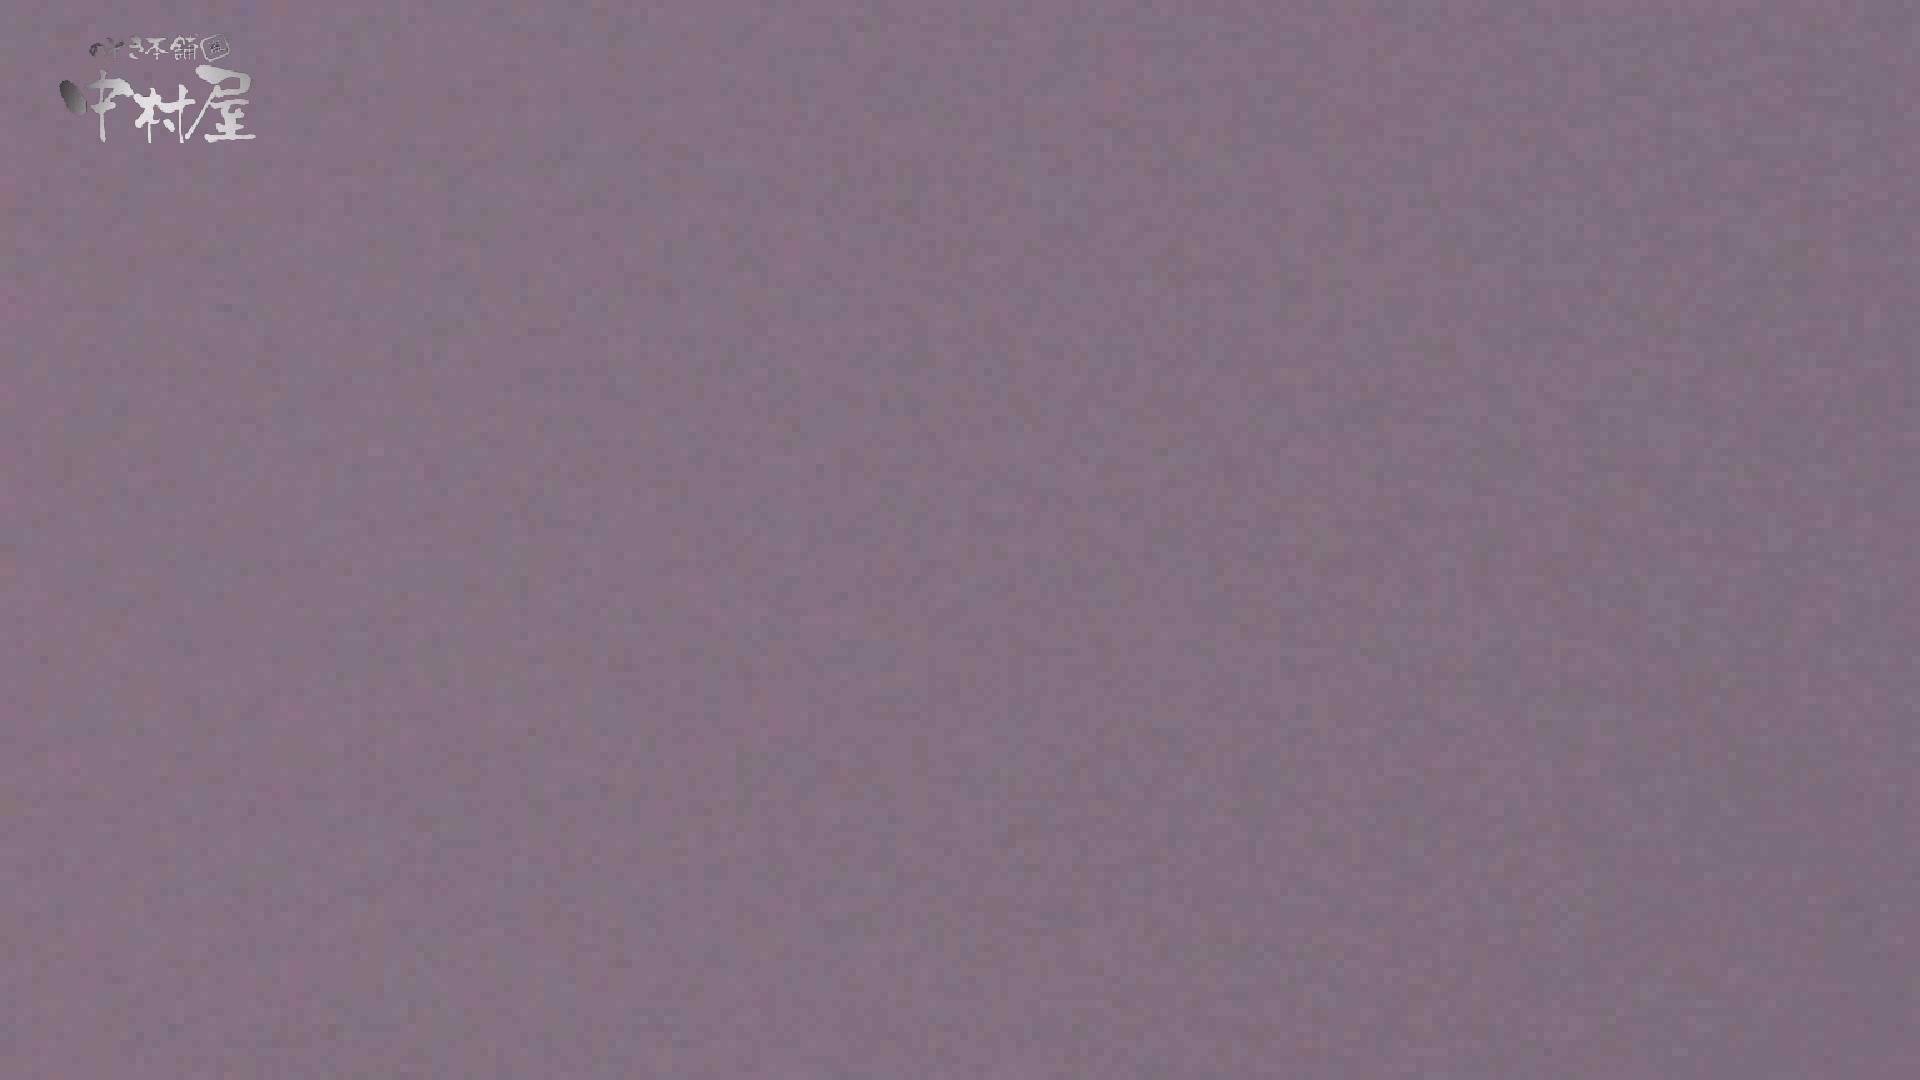 洗面所突入レポート!!vol.7 排泄隠し撮り | トイレ突入  103pic 61